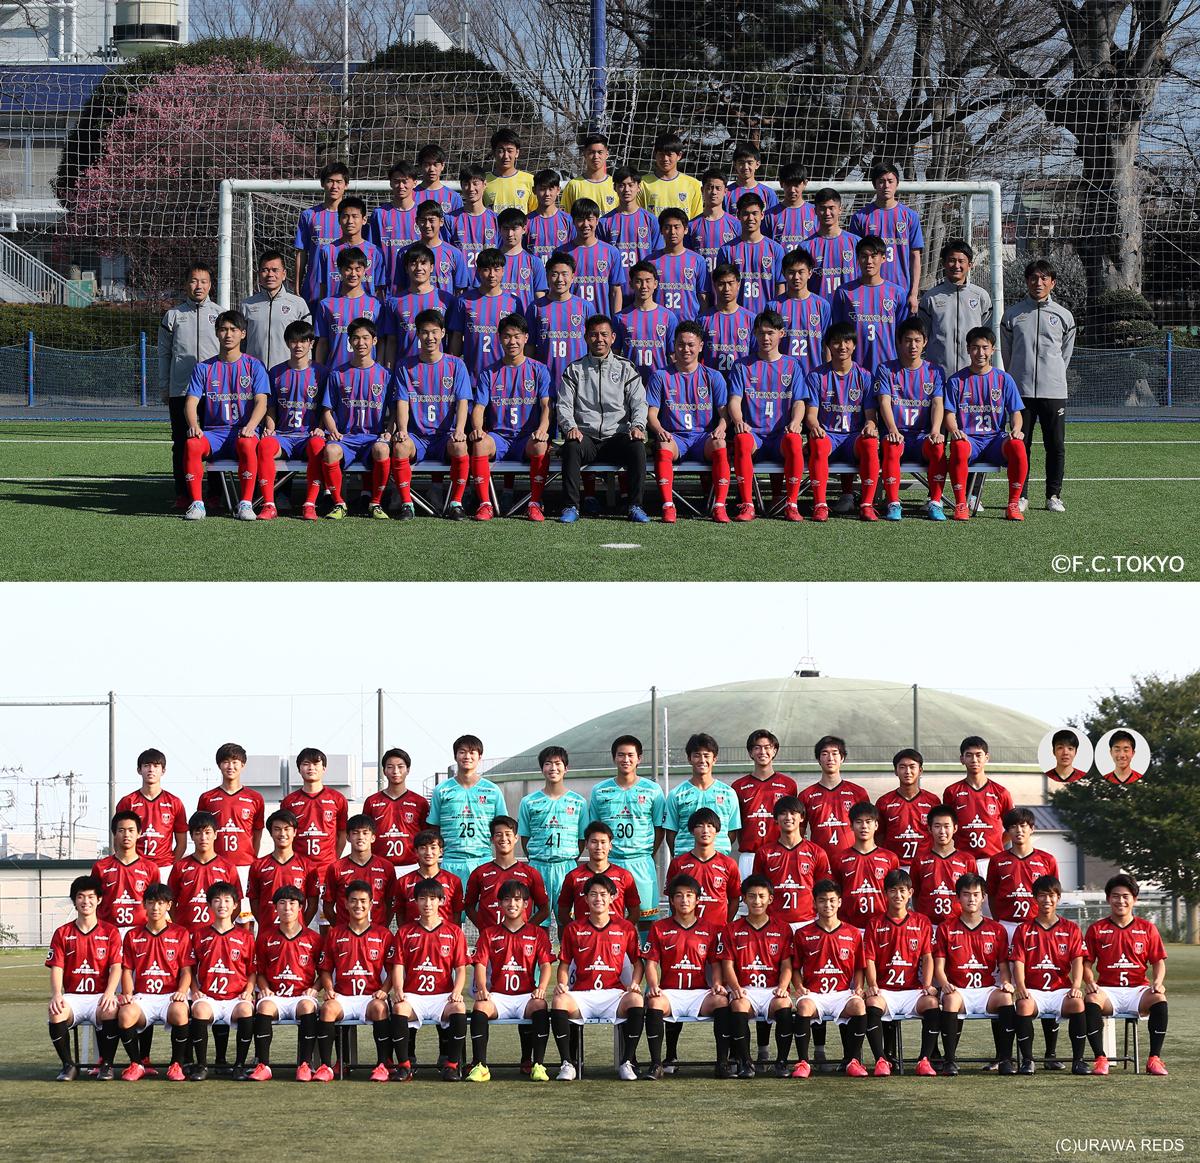 FC東京U-18 vs. 浦和レッドダイヤモンズユース